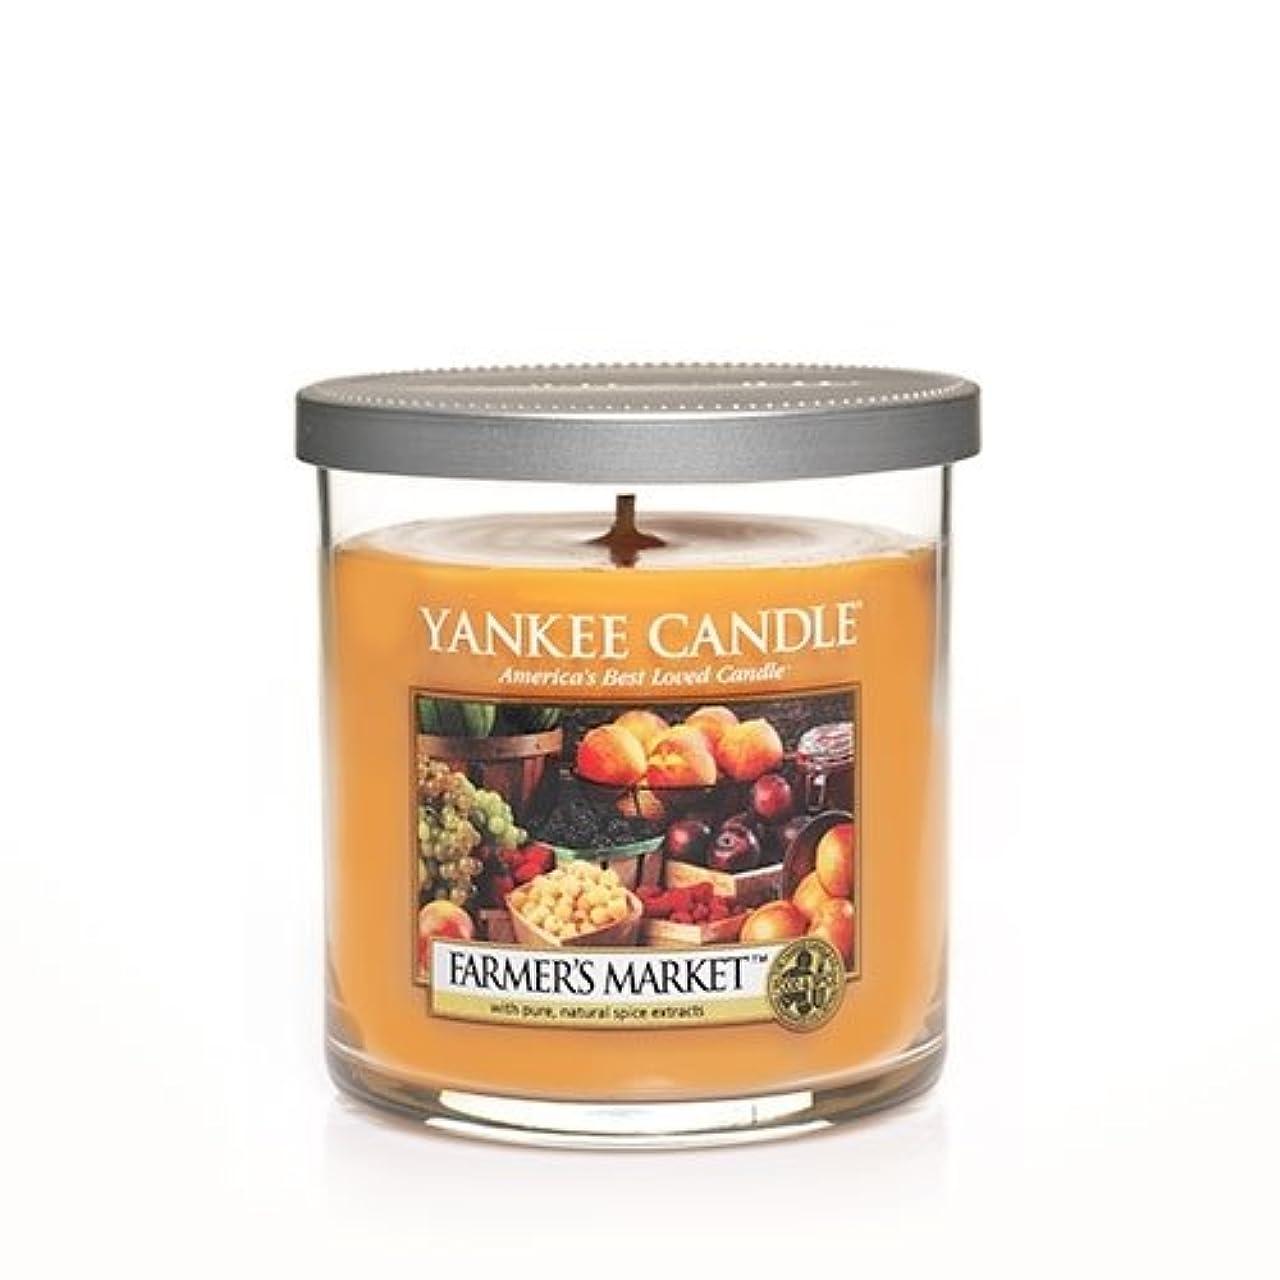 詳細などきどき経度Yankee Candle Farmer 's Market, Food & Spice香り Small Tumbler Candles 1163563